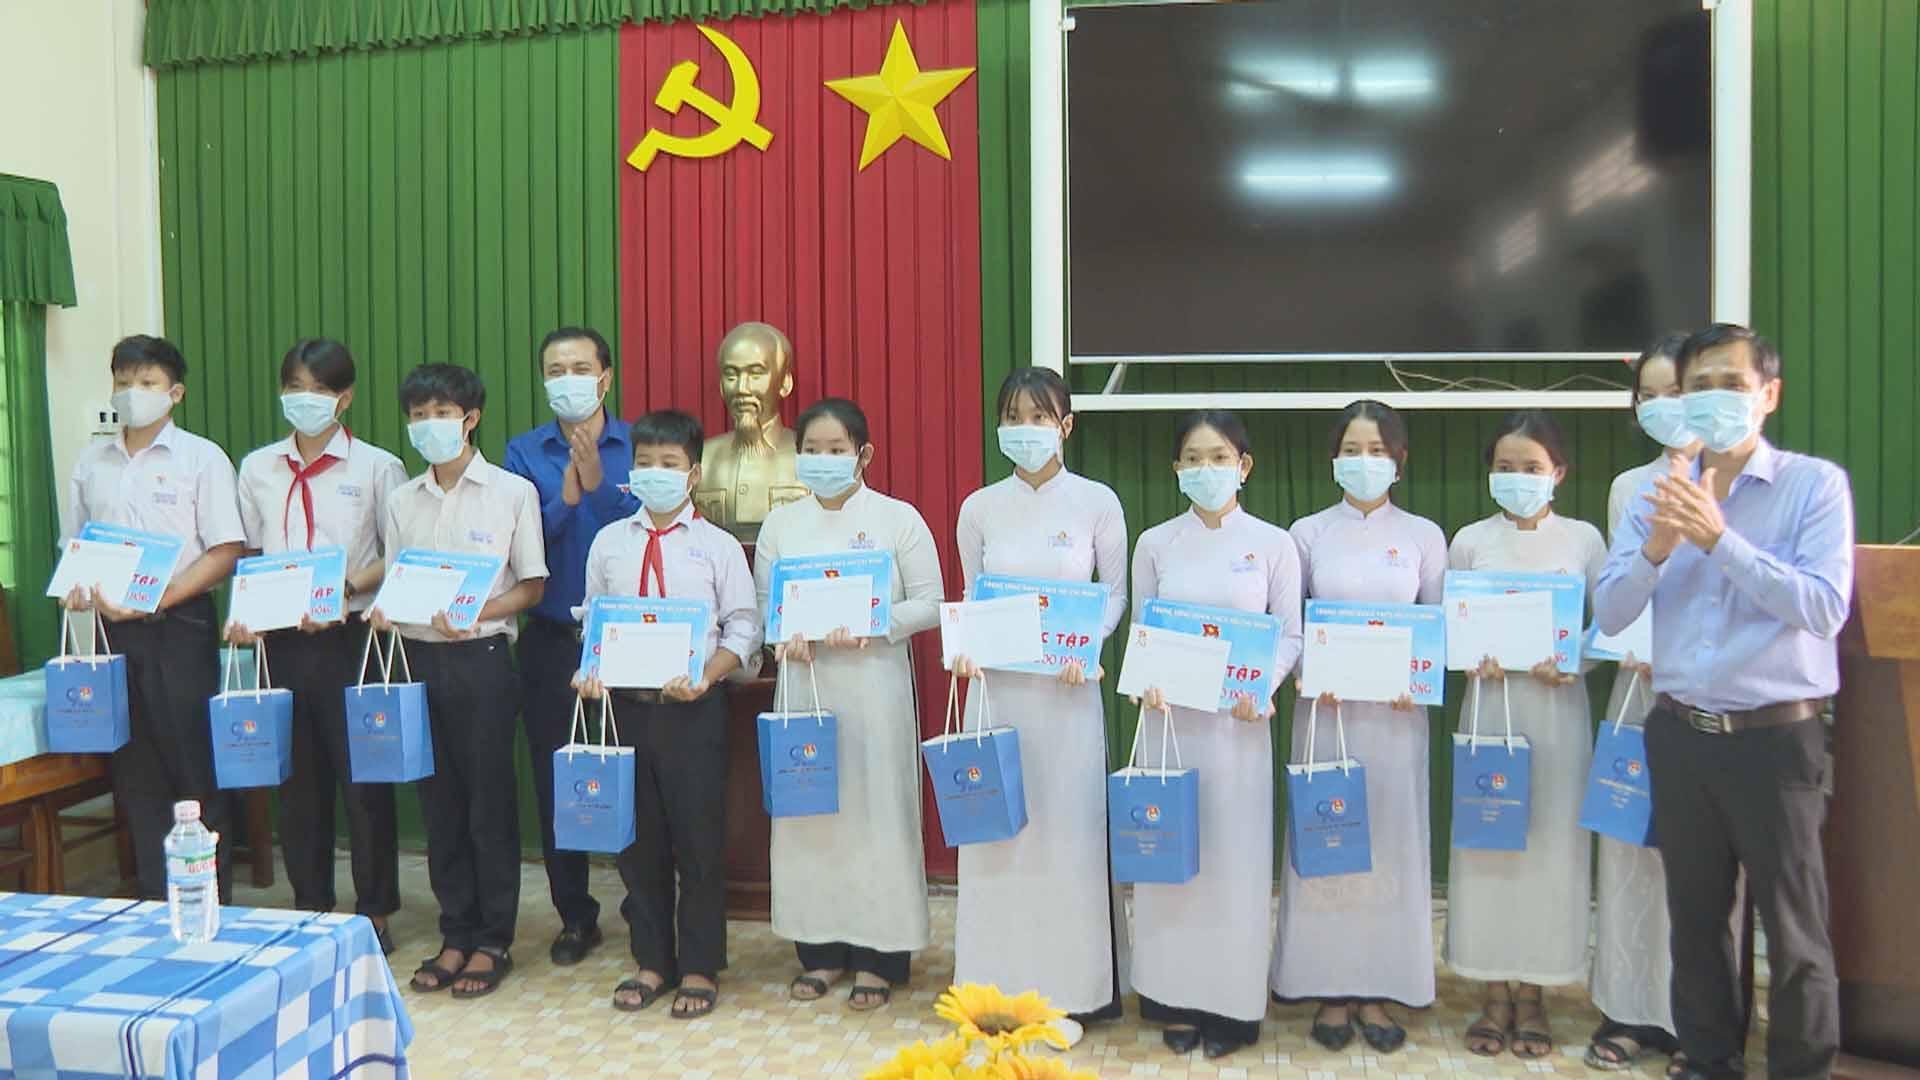 Trung ương Đoàn thăm tặng quà, góc học tập các em học sinh khó khăn học giỏi trên địa bàn Thành phố Trà Vinh